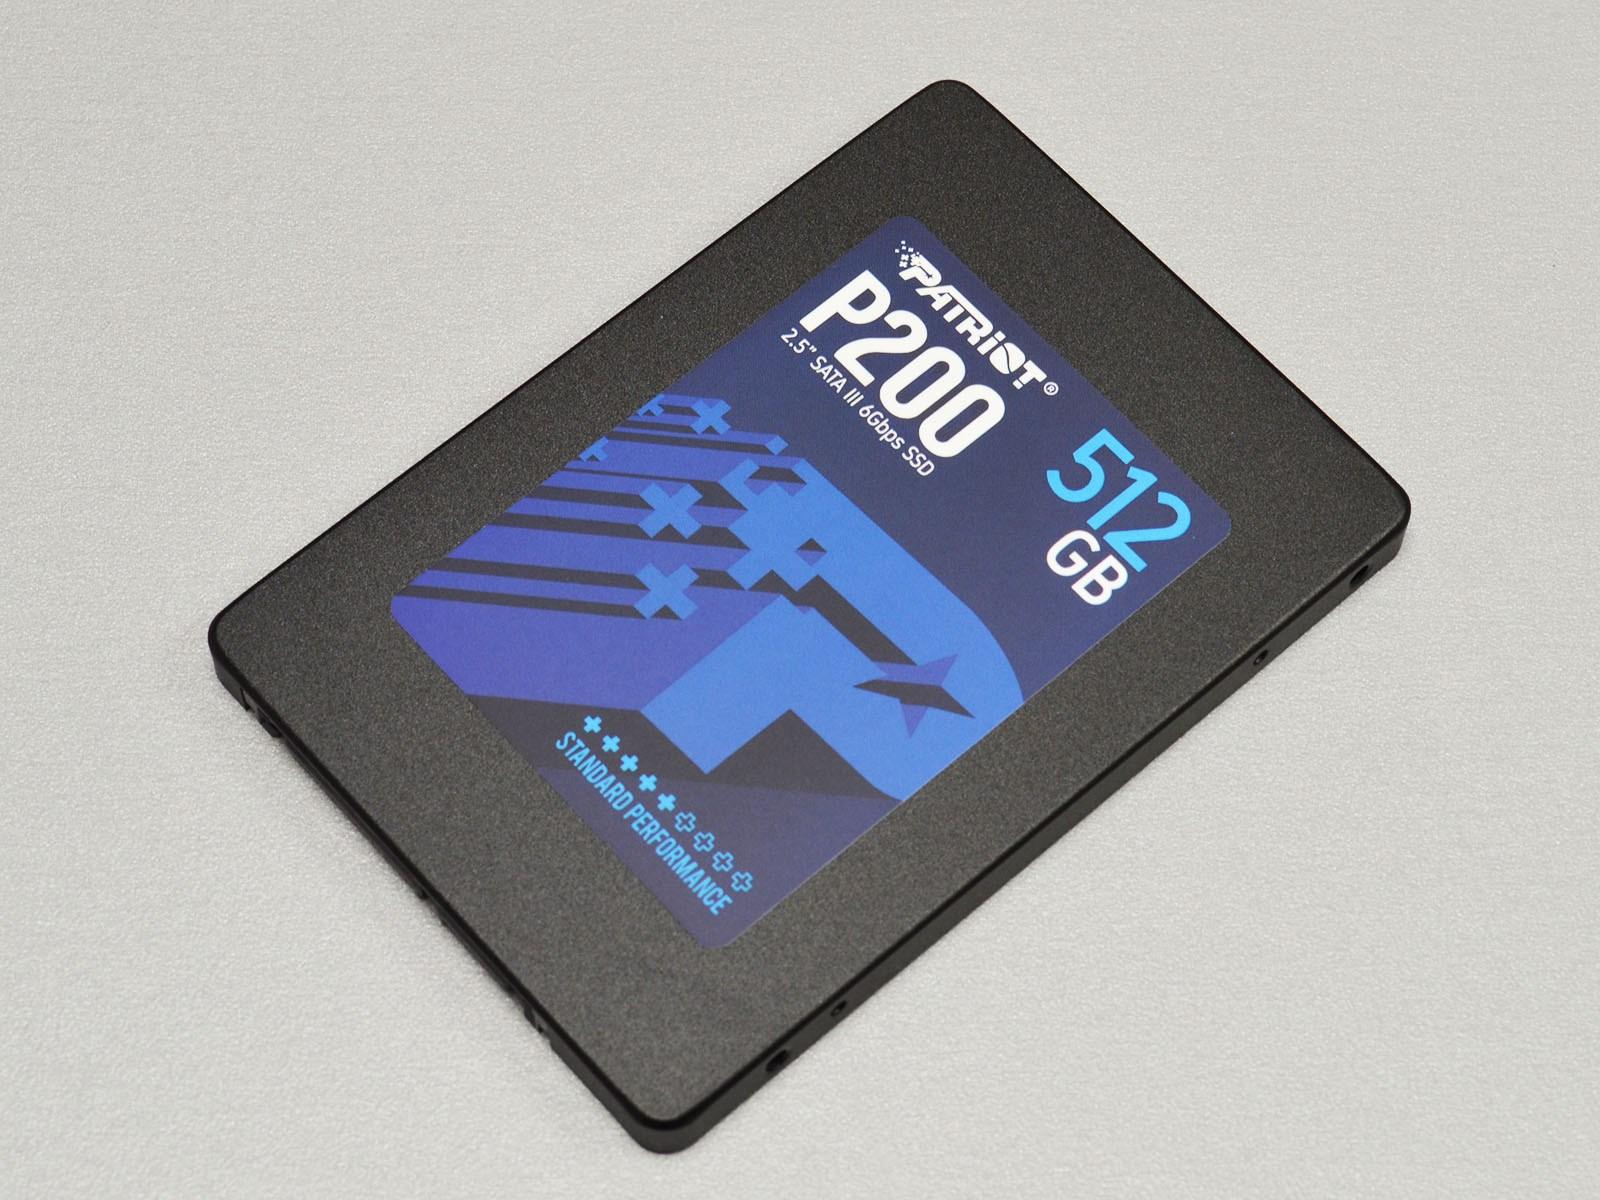 Photo of זול אך ראוי? כונן ה-SSD התקציבי החדש של Patriot